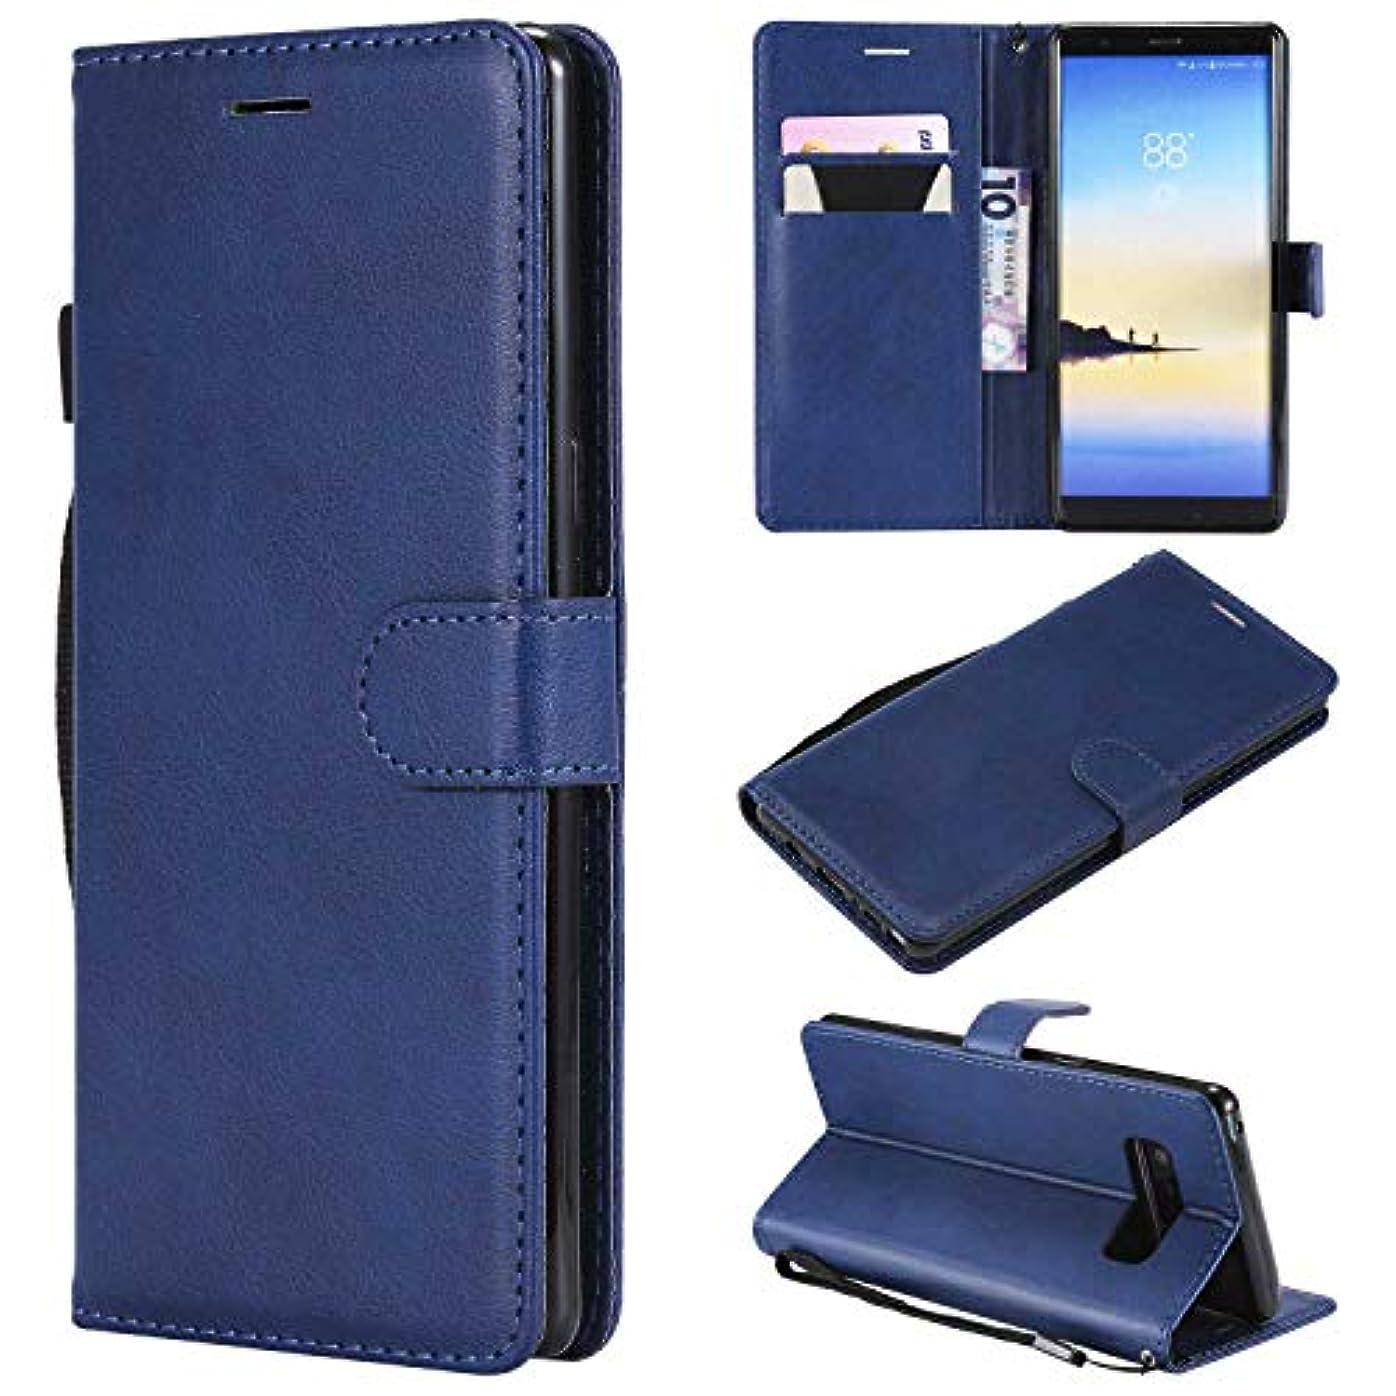 平衡広々としたダイヤルGalaxy Note 8 ケース手帳型 OMATENTI レザー 革 薄型 手帳型カバー カード入れ スタンド機能 サムスン Galaxy Note 8 おしゃれ 手帳ケース (6-ブルー)